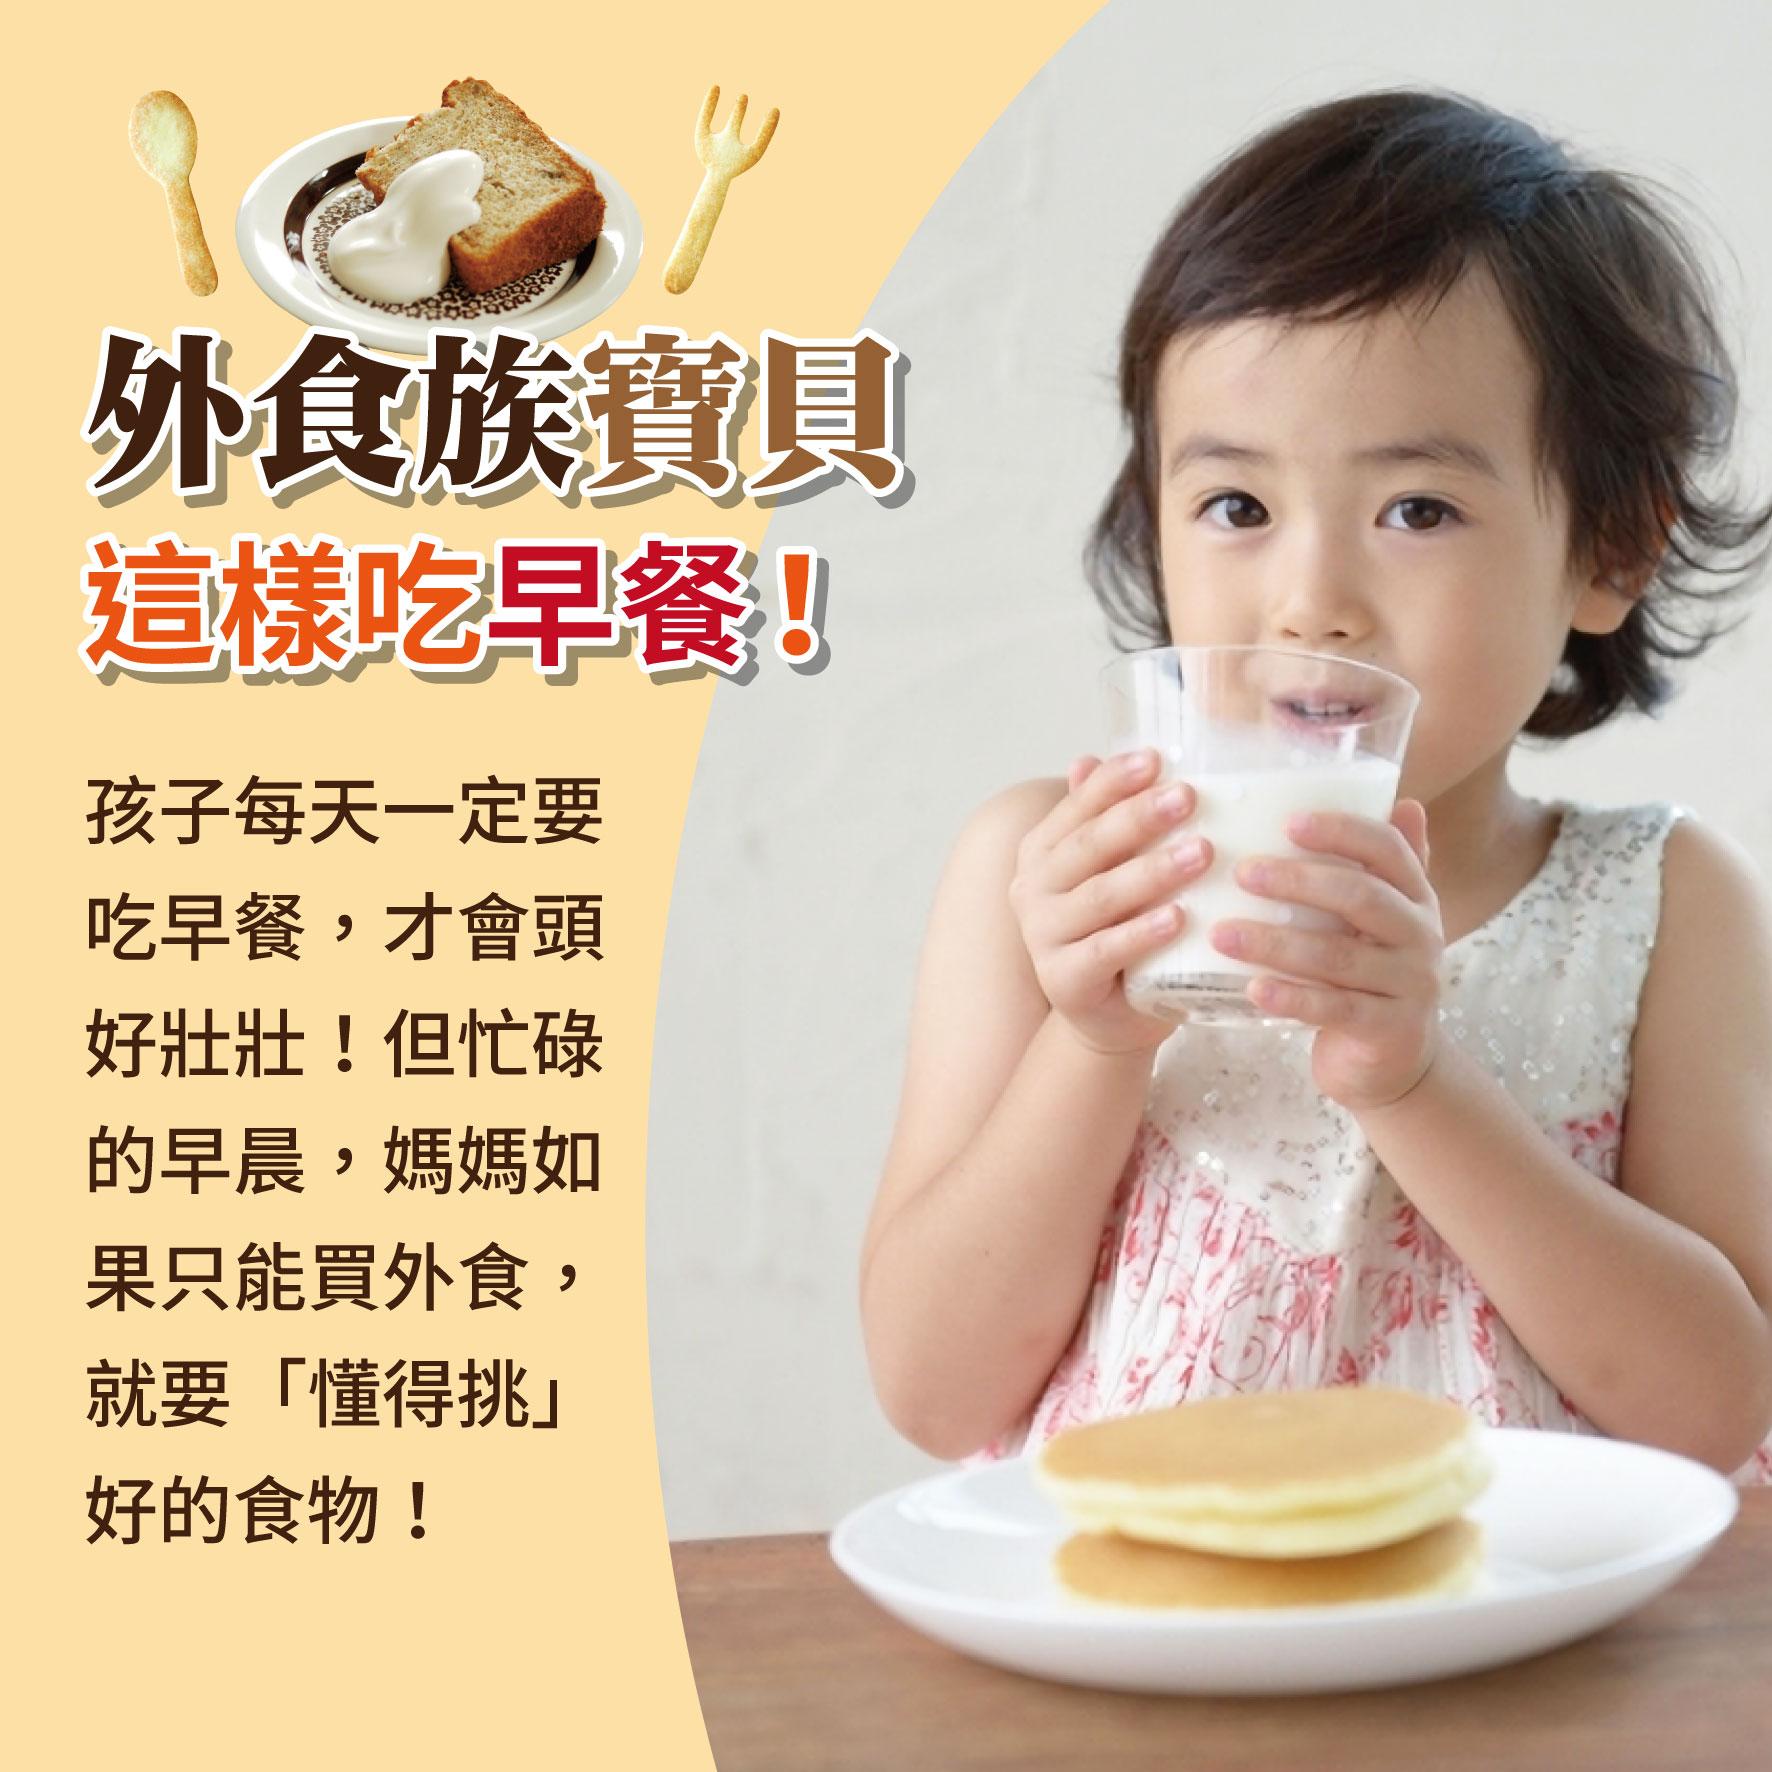 幼兒5歲(第22週)外食族寶貝 這樣吃早餐!